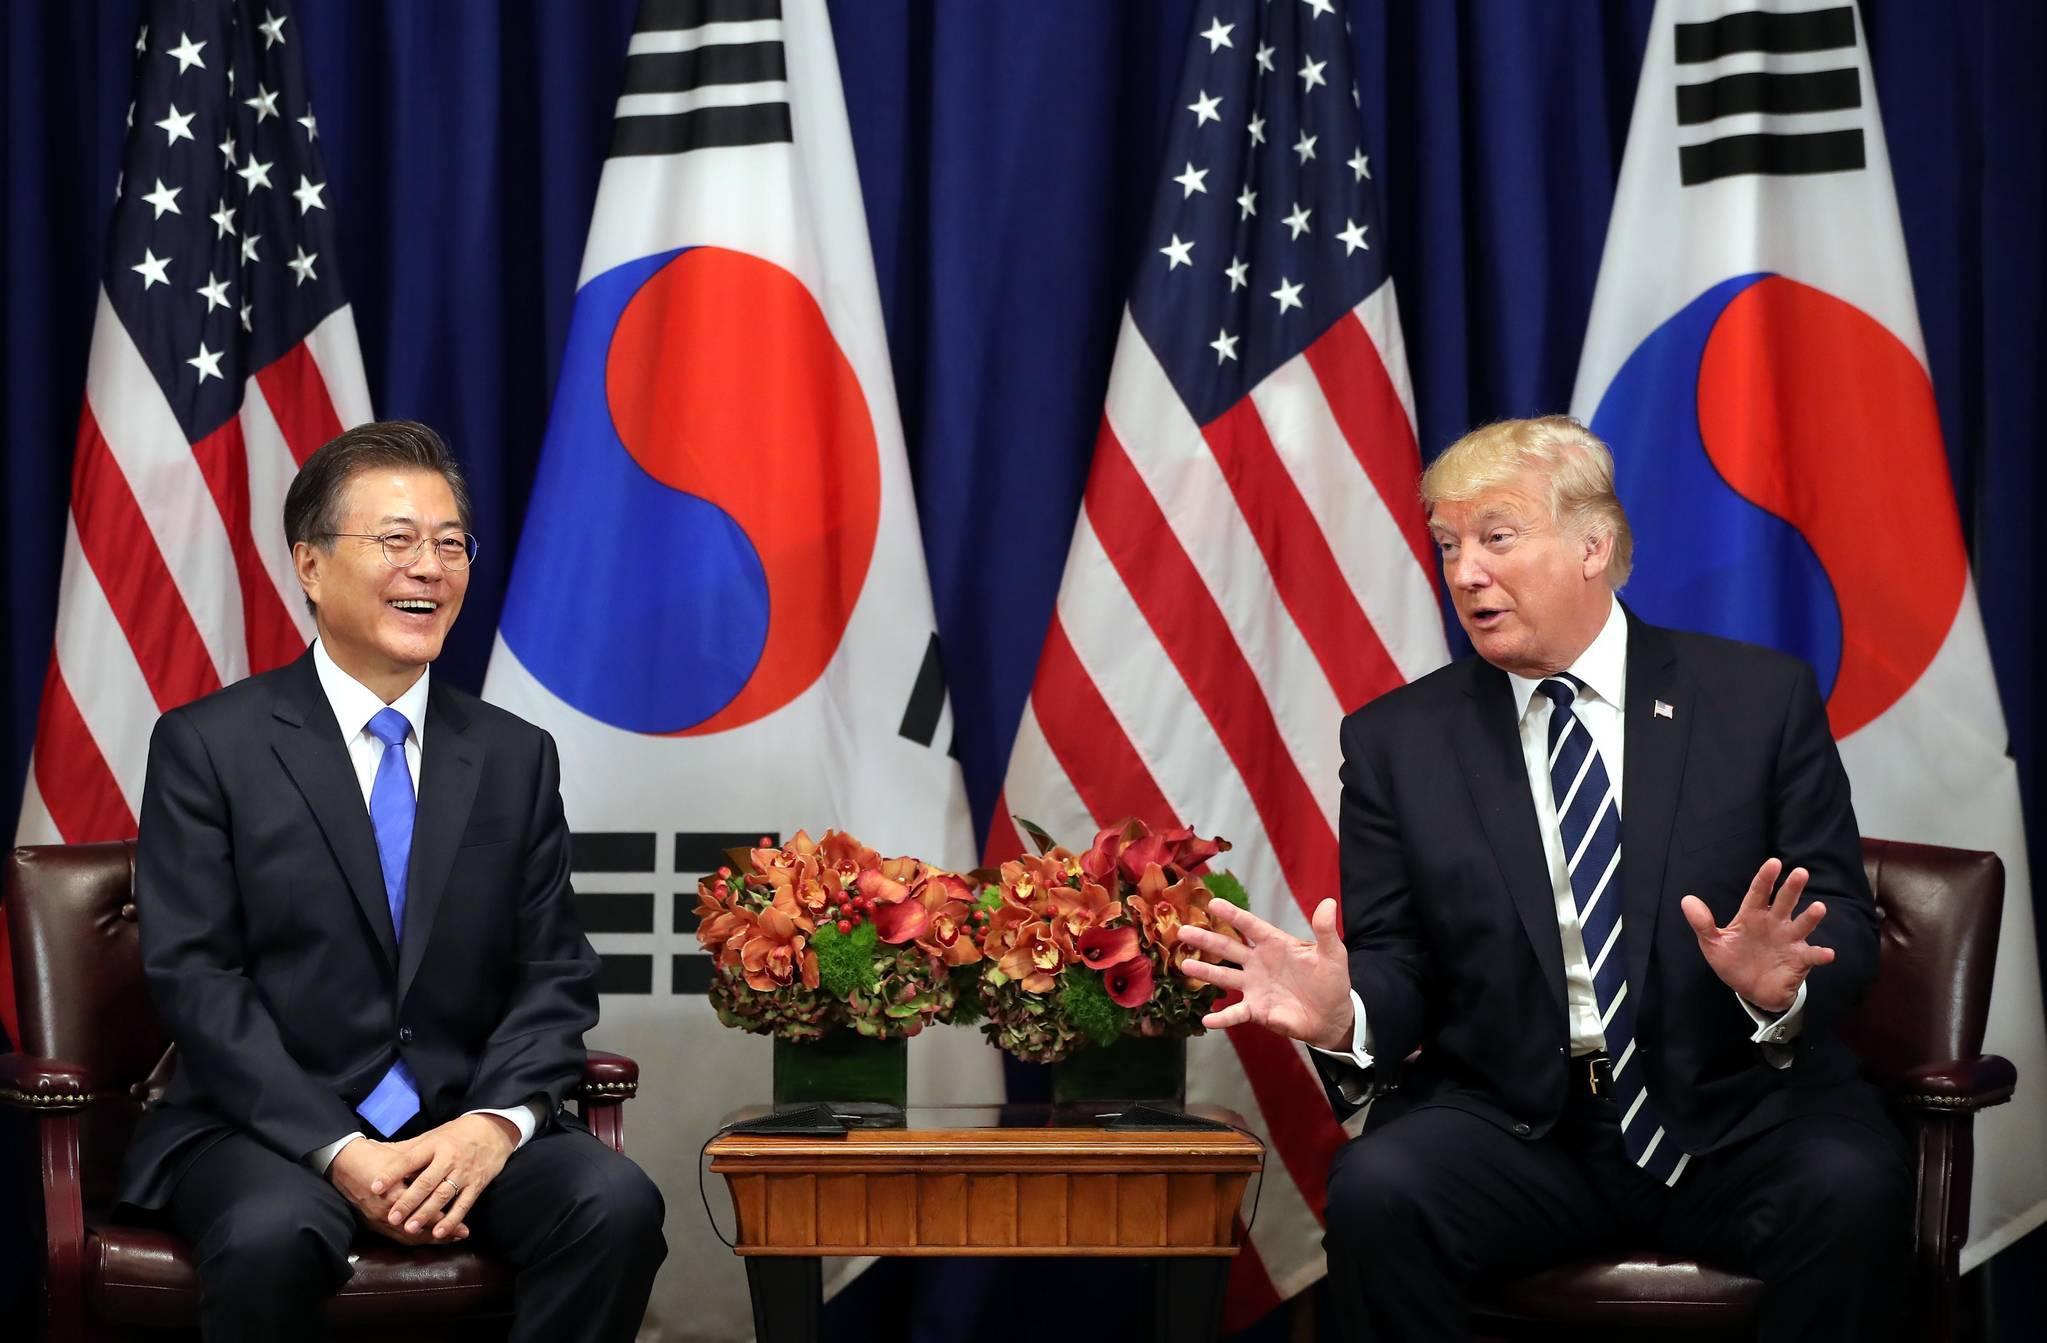 제72차 유엔 총회 참석차 미국을 방문 중인 문재인 대통령이 9월 21일(현지시간) 뉴욕 롯데팰리스 호텔에서 트럼프 미국대통령과 정상회담을 하고 있다.뉴욕=청와대사진기자단